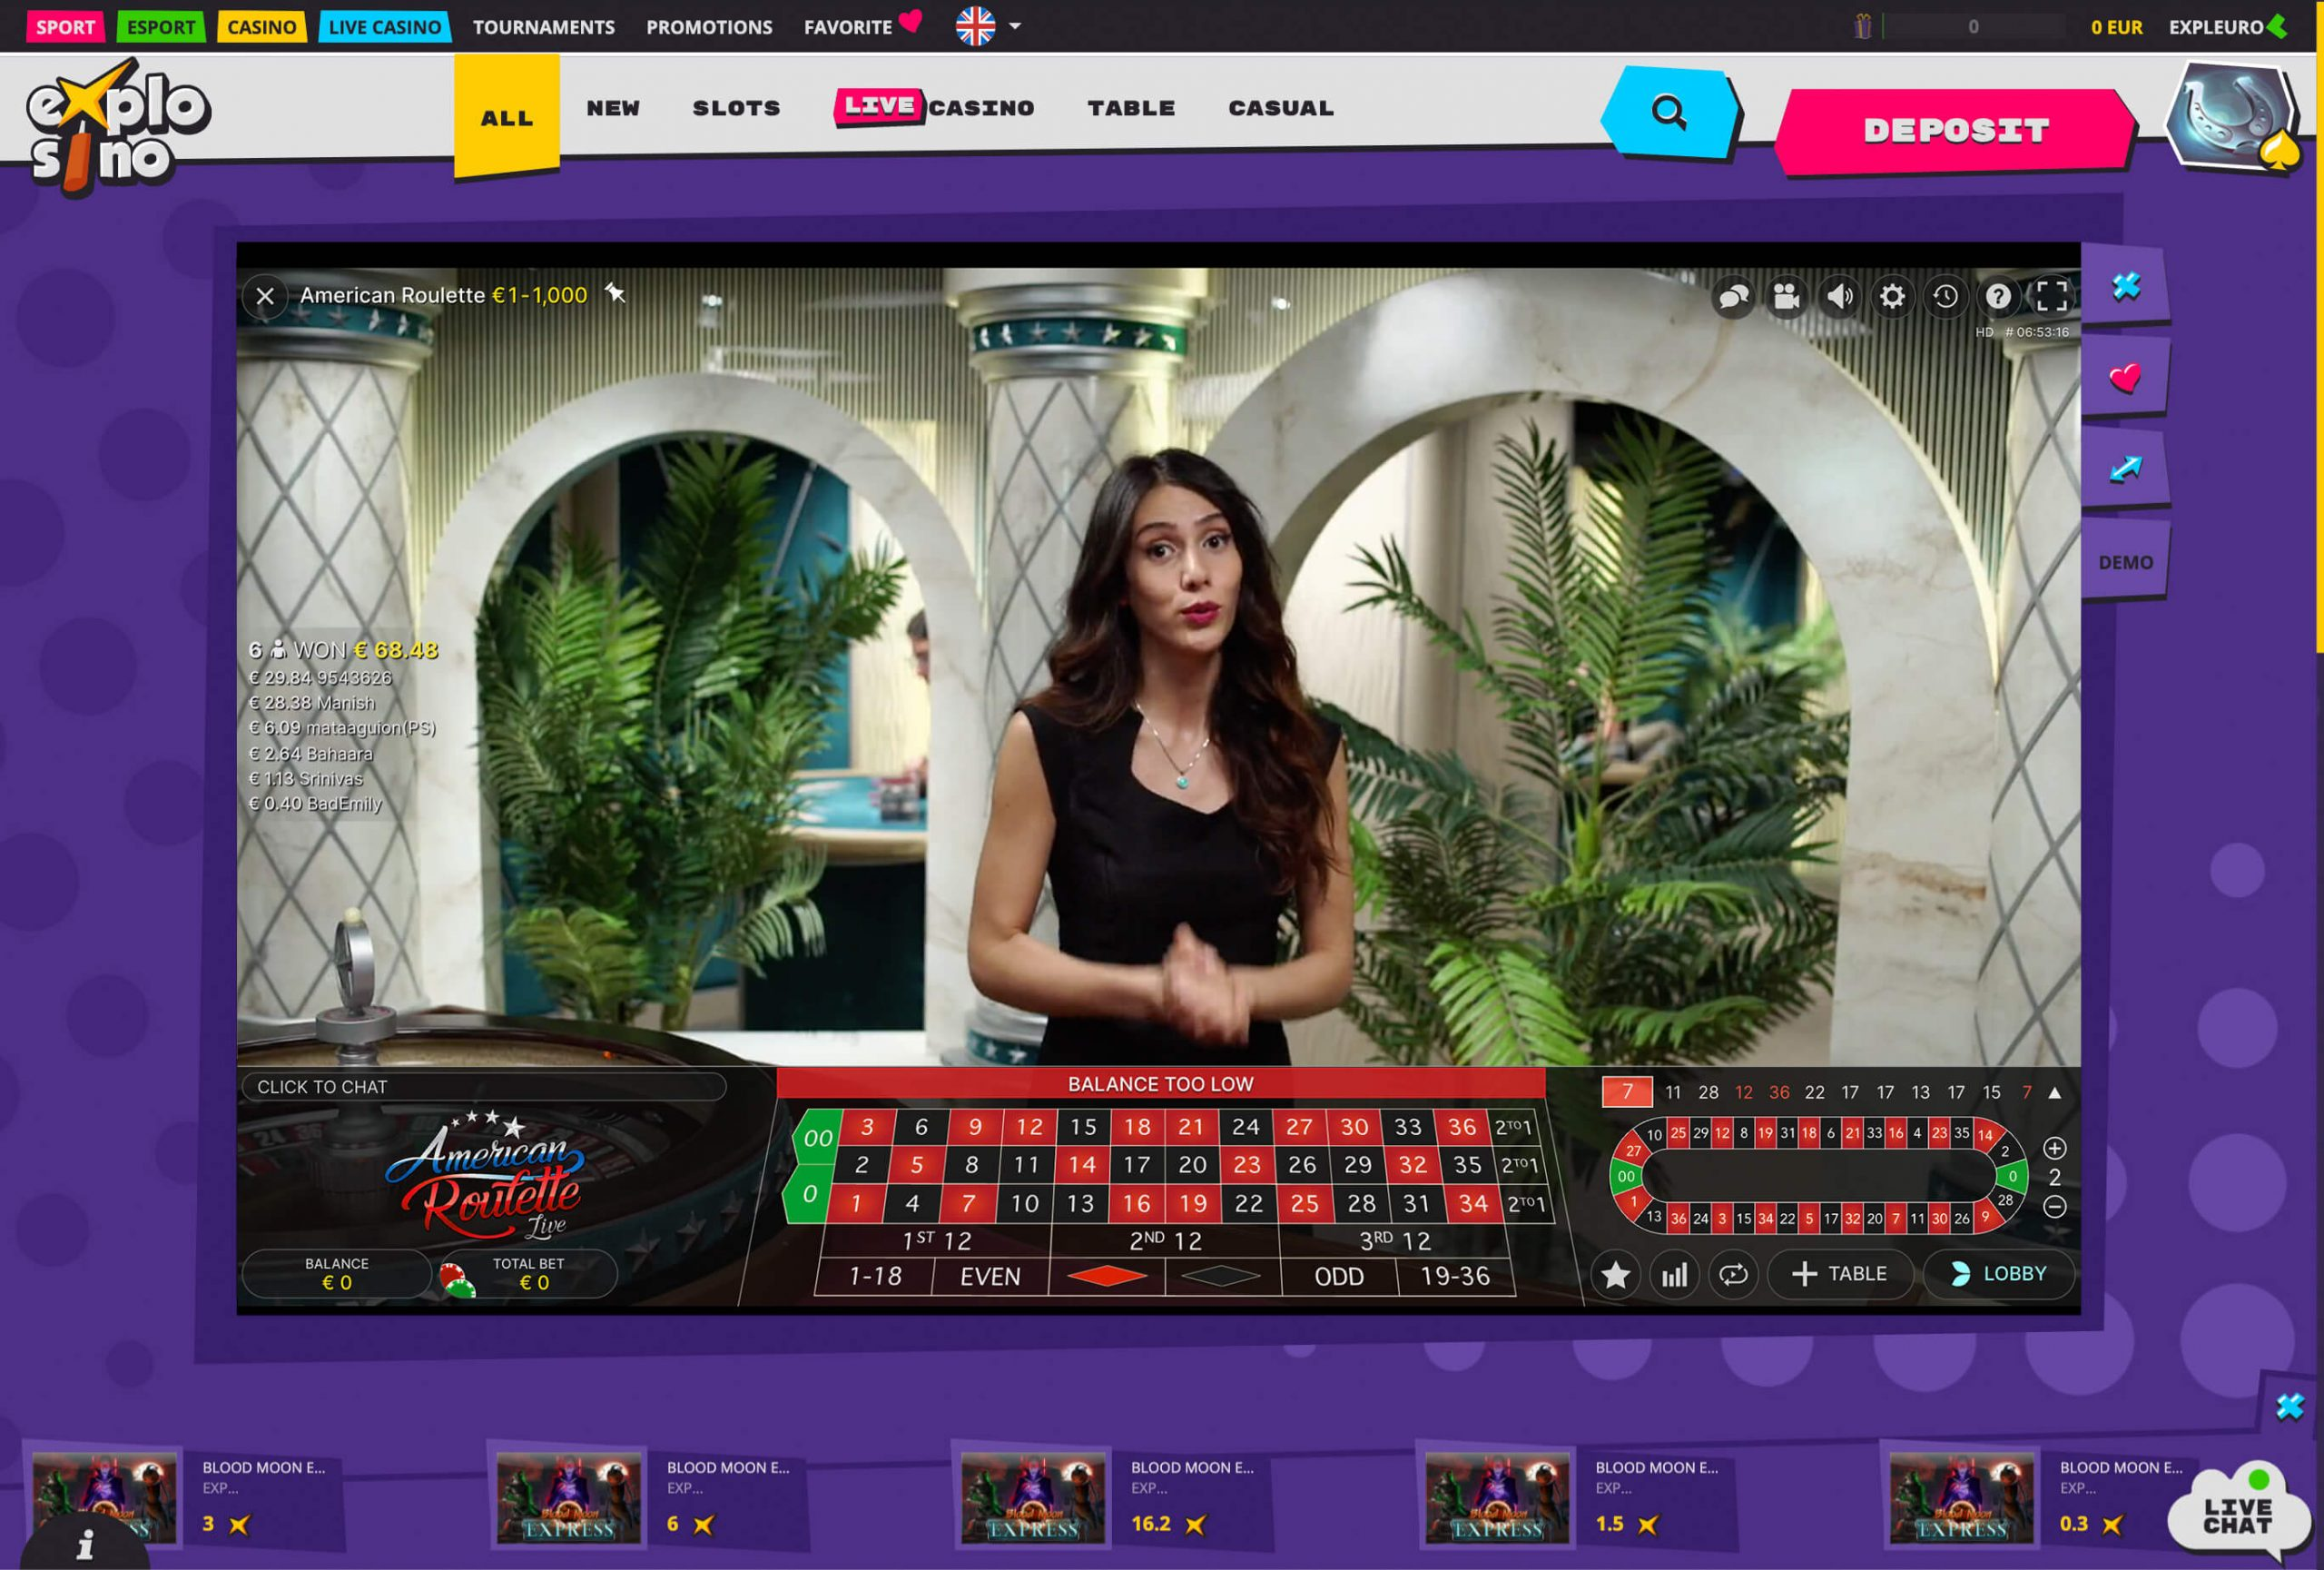 Explosino casino live game